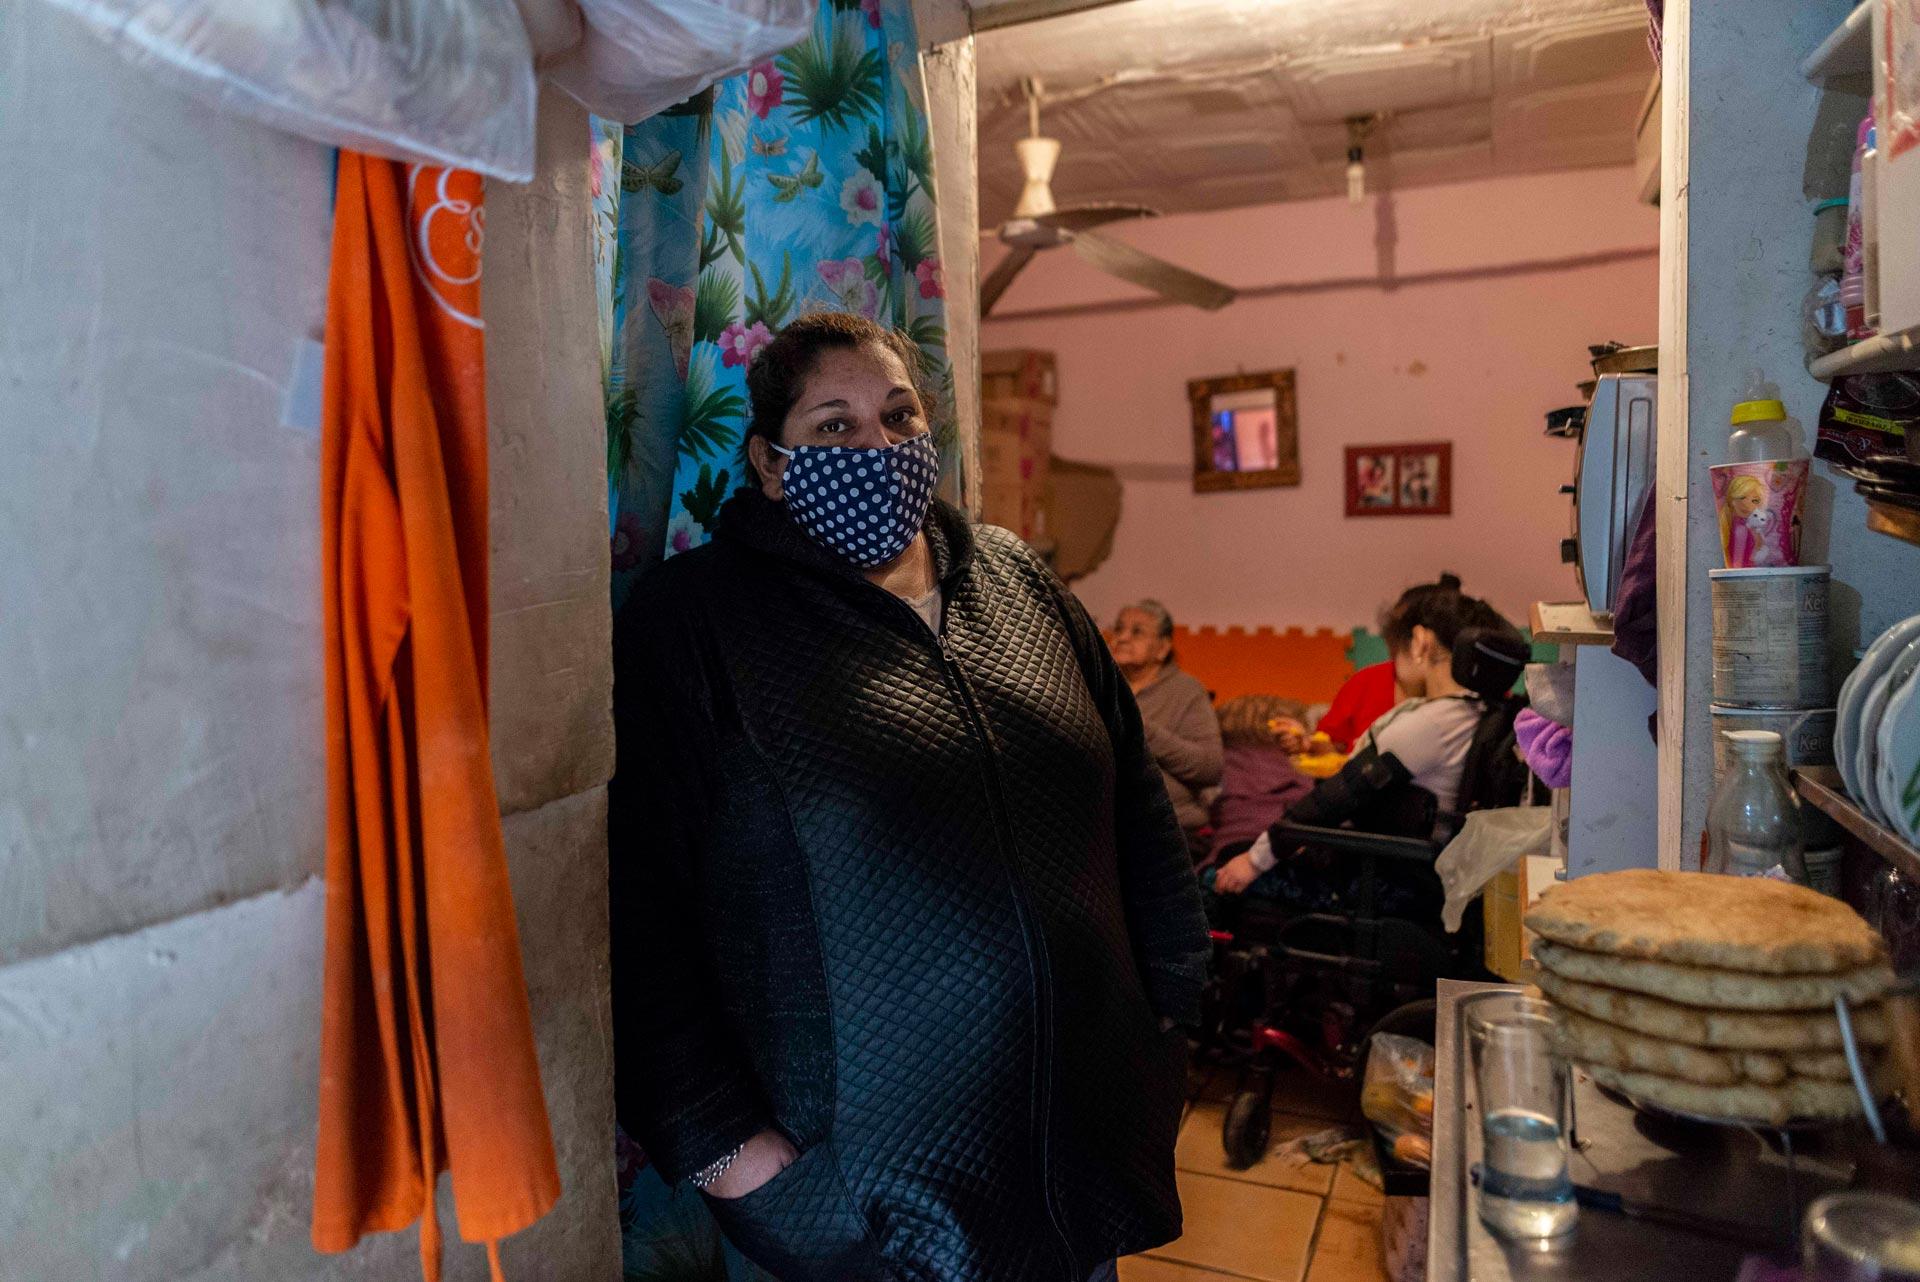 """Ramona (43) vivía con siete personas más en una habitación de tres por tres metros cuadrados y con un solo baño. Después de estar doce días sin agua, fue internada por neumonia y le diagnosticaron Coronavirus. Su muerte, su historia y la de su familia se convirtieron en símbolo de los reclamos y la desidia. Ramona soñaba con una promesa que le habían hecho las autoridades municipales: poder mudarse a otra casa, hech mediante un plan de reunirbanización, tener más espacio, darle una mejor vida a su hija de 12 años discapacitada. Ahora, sus dos hijas están infectadas. """"Esto no es vida, no se puede vivir así -me dijo Ramona-. Entre comprar algohol en gel o pan, ¿vos qué elegís?"""""""